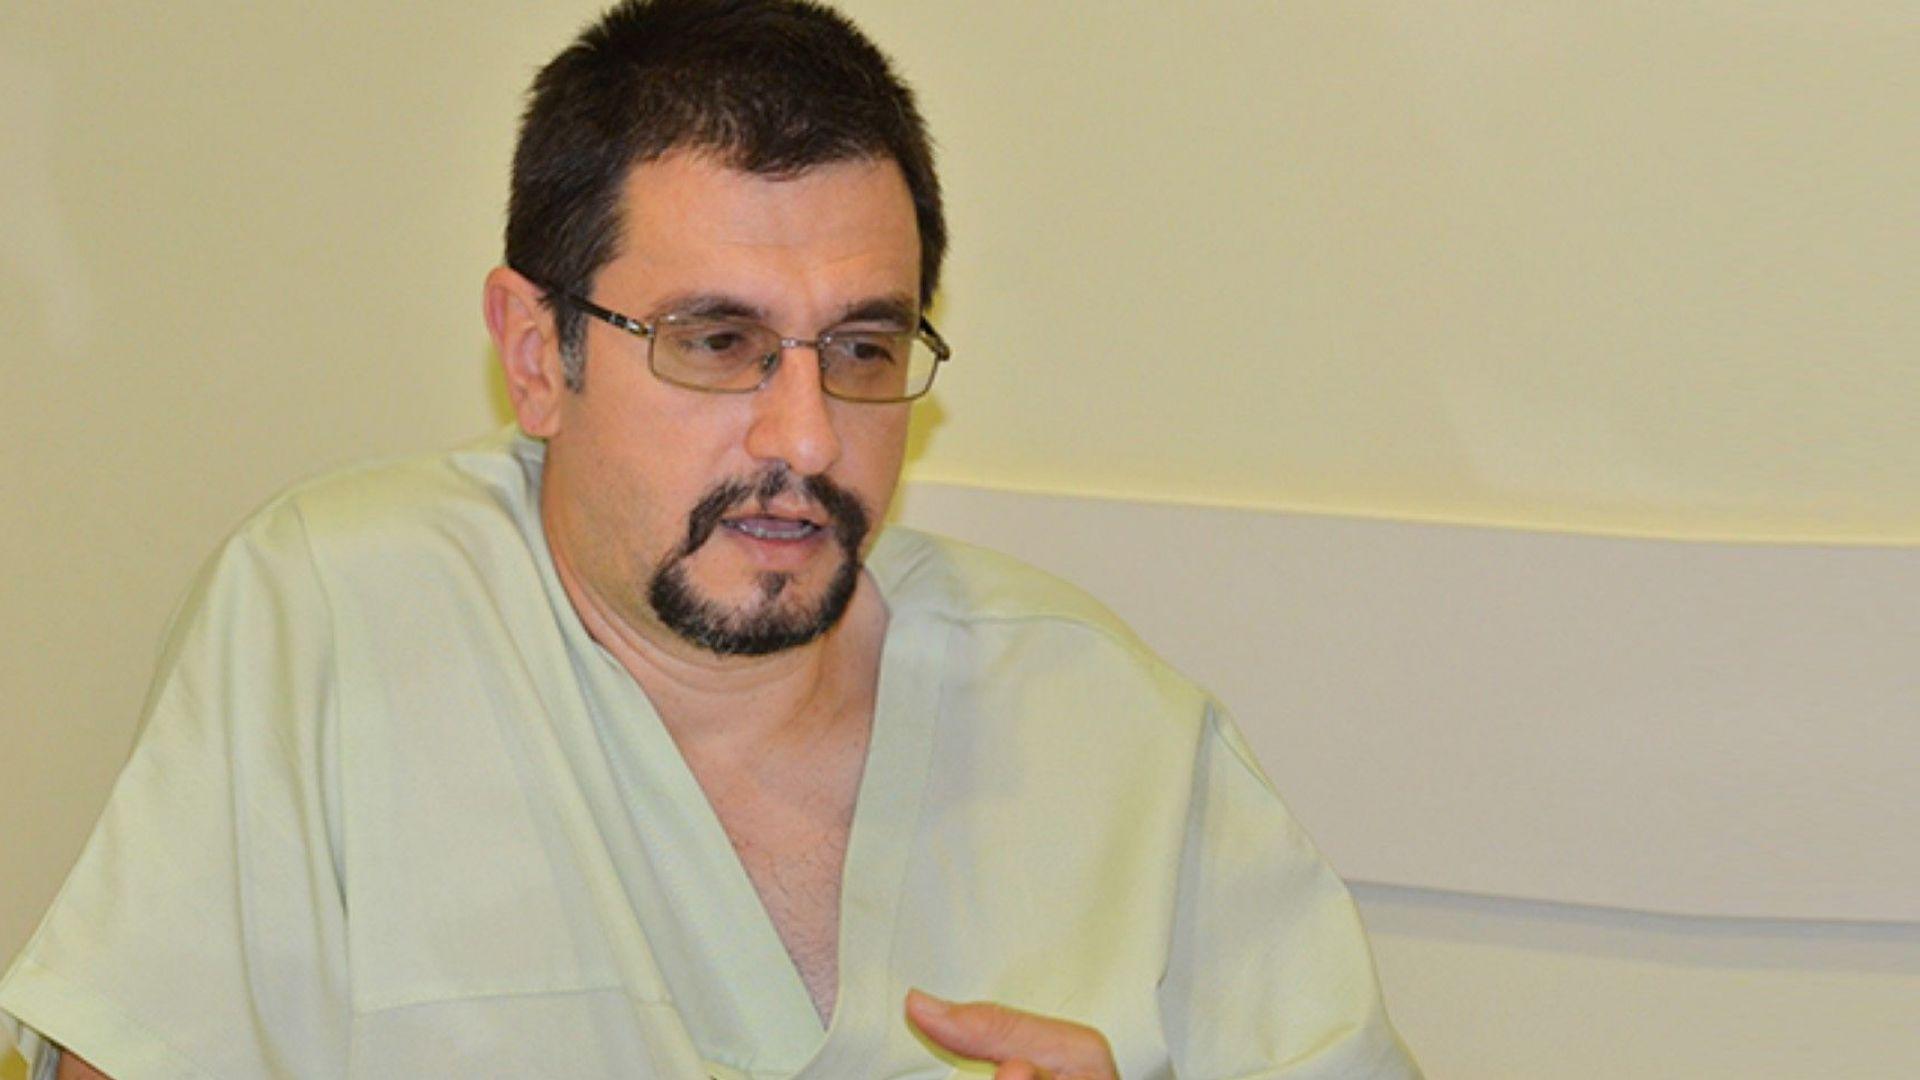 """Д-р Георги Стаменов пред Дир.бг: Крия сълзите си, когато донорки ме питат: """"Нали помогнах?"""""""